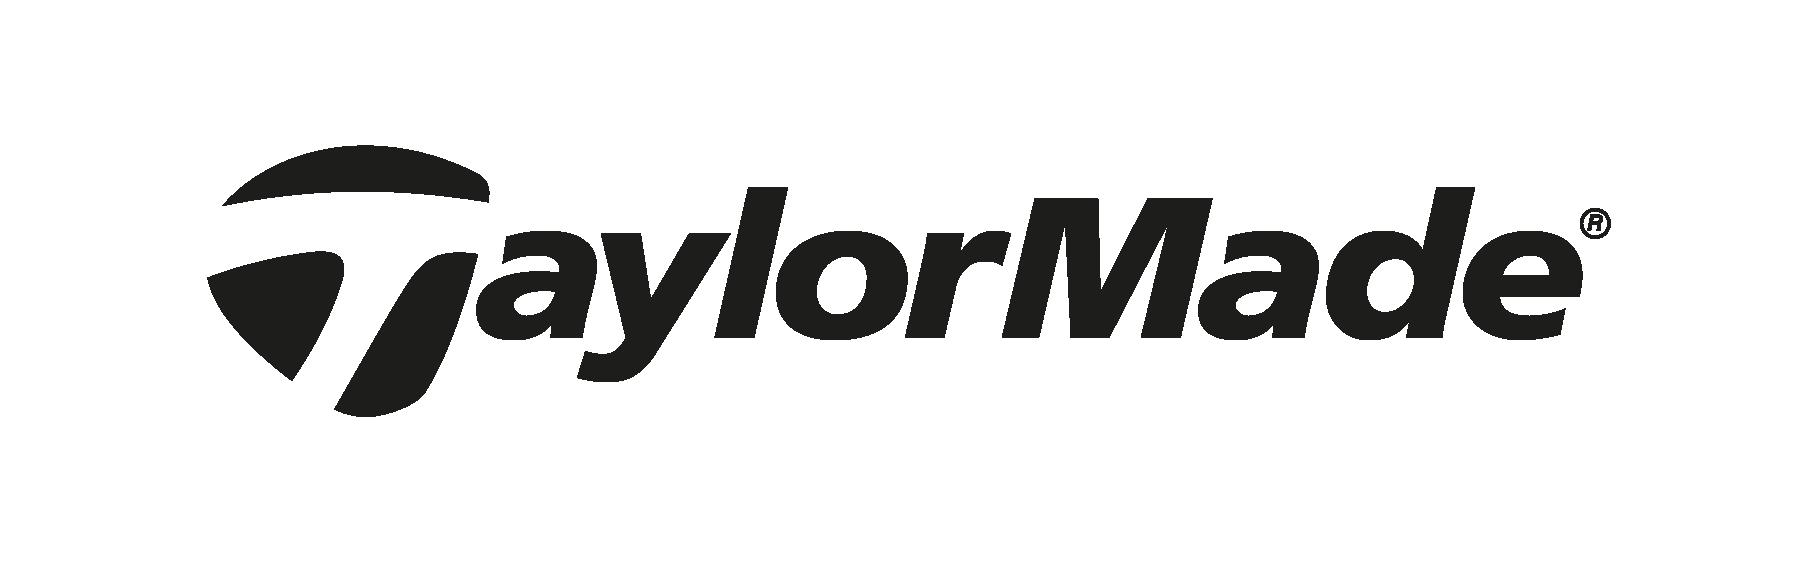 TaylorMade Golf Company logo